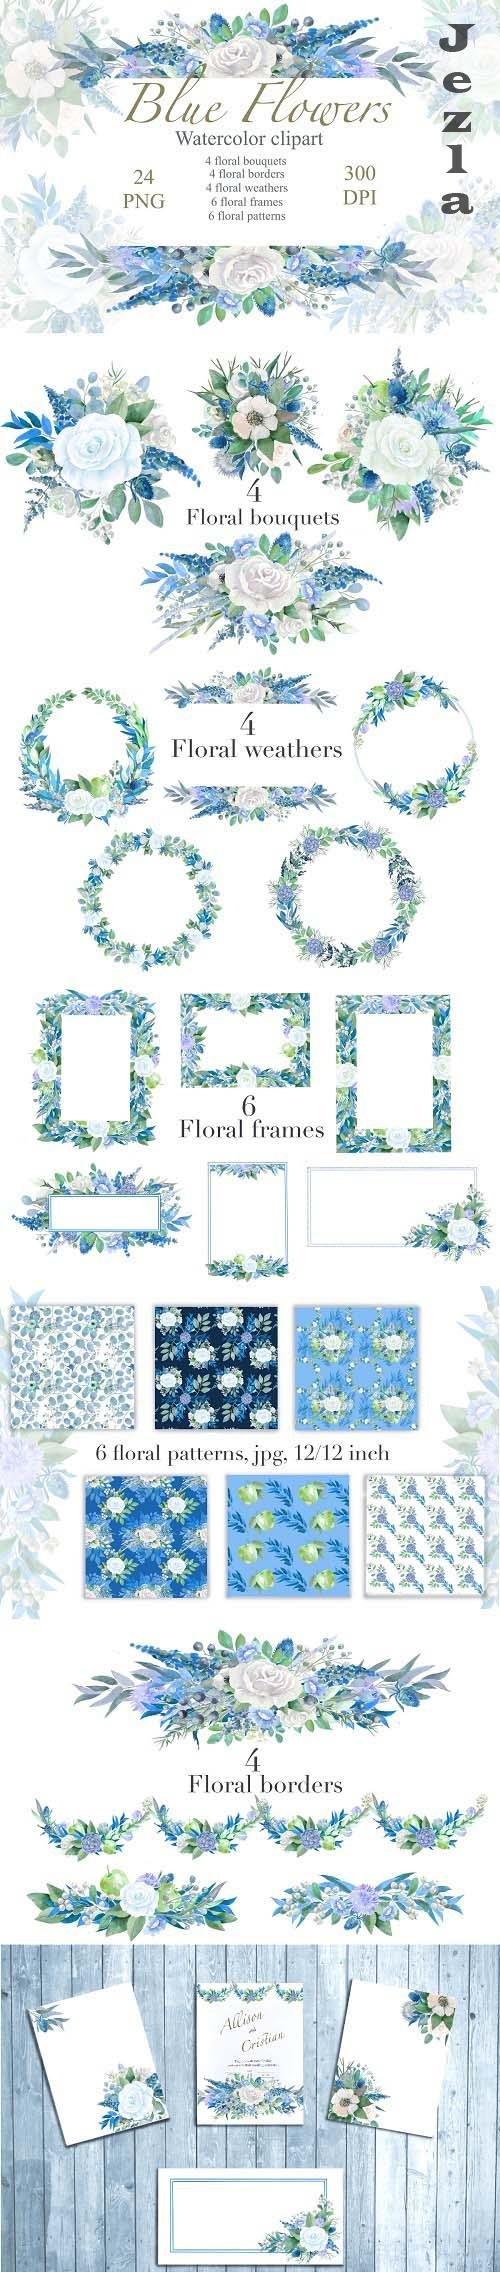 Blue Floral watercolor Clipart, Wedding Arrangements, Frames - 1425792